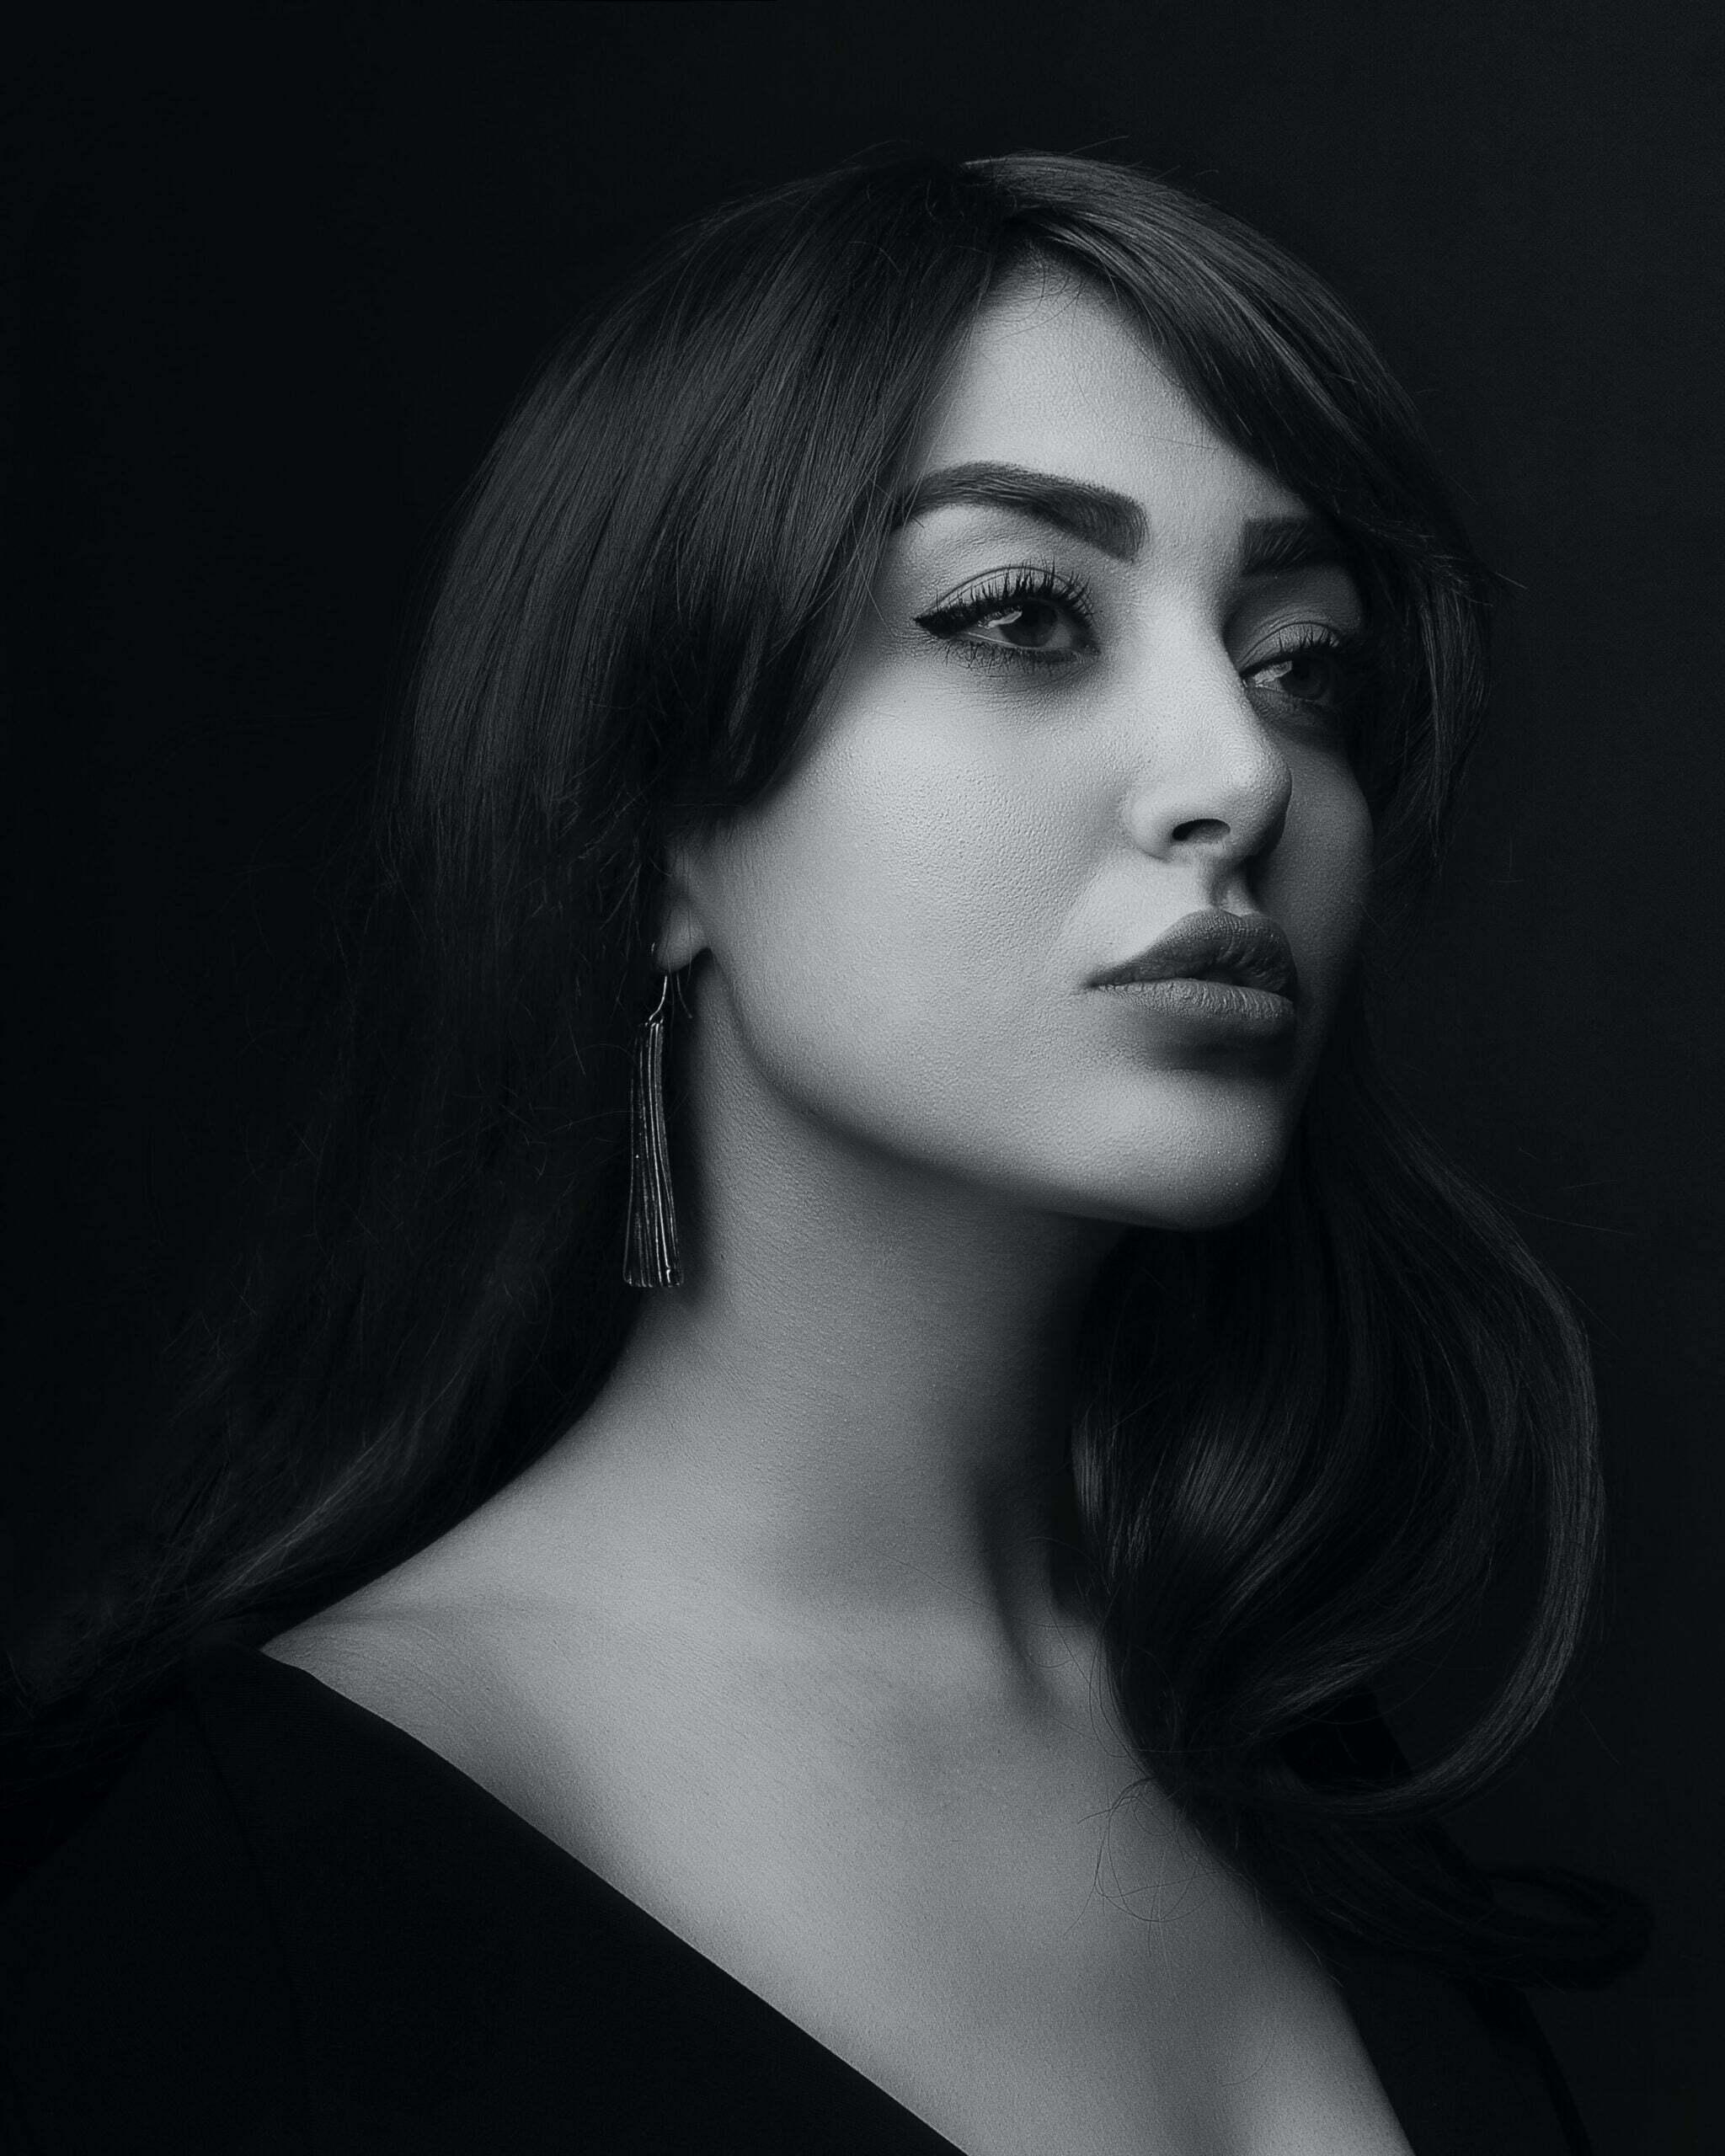 mohammad-khaksarmadani-4FDsNcCR8iQ-unsplash